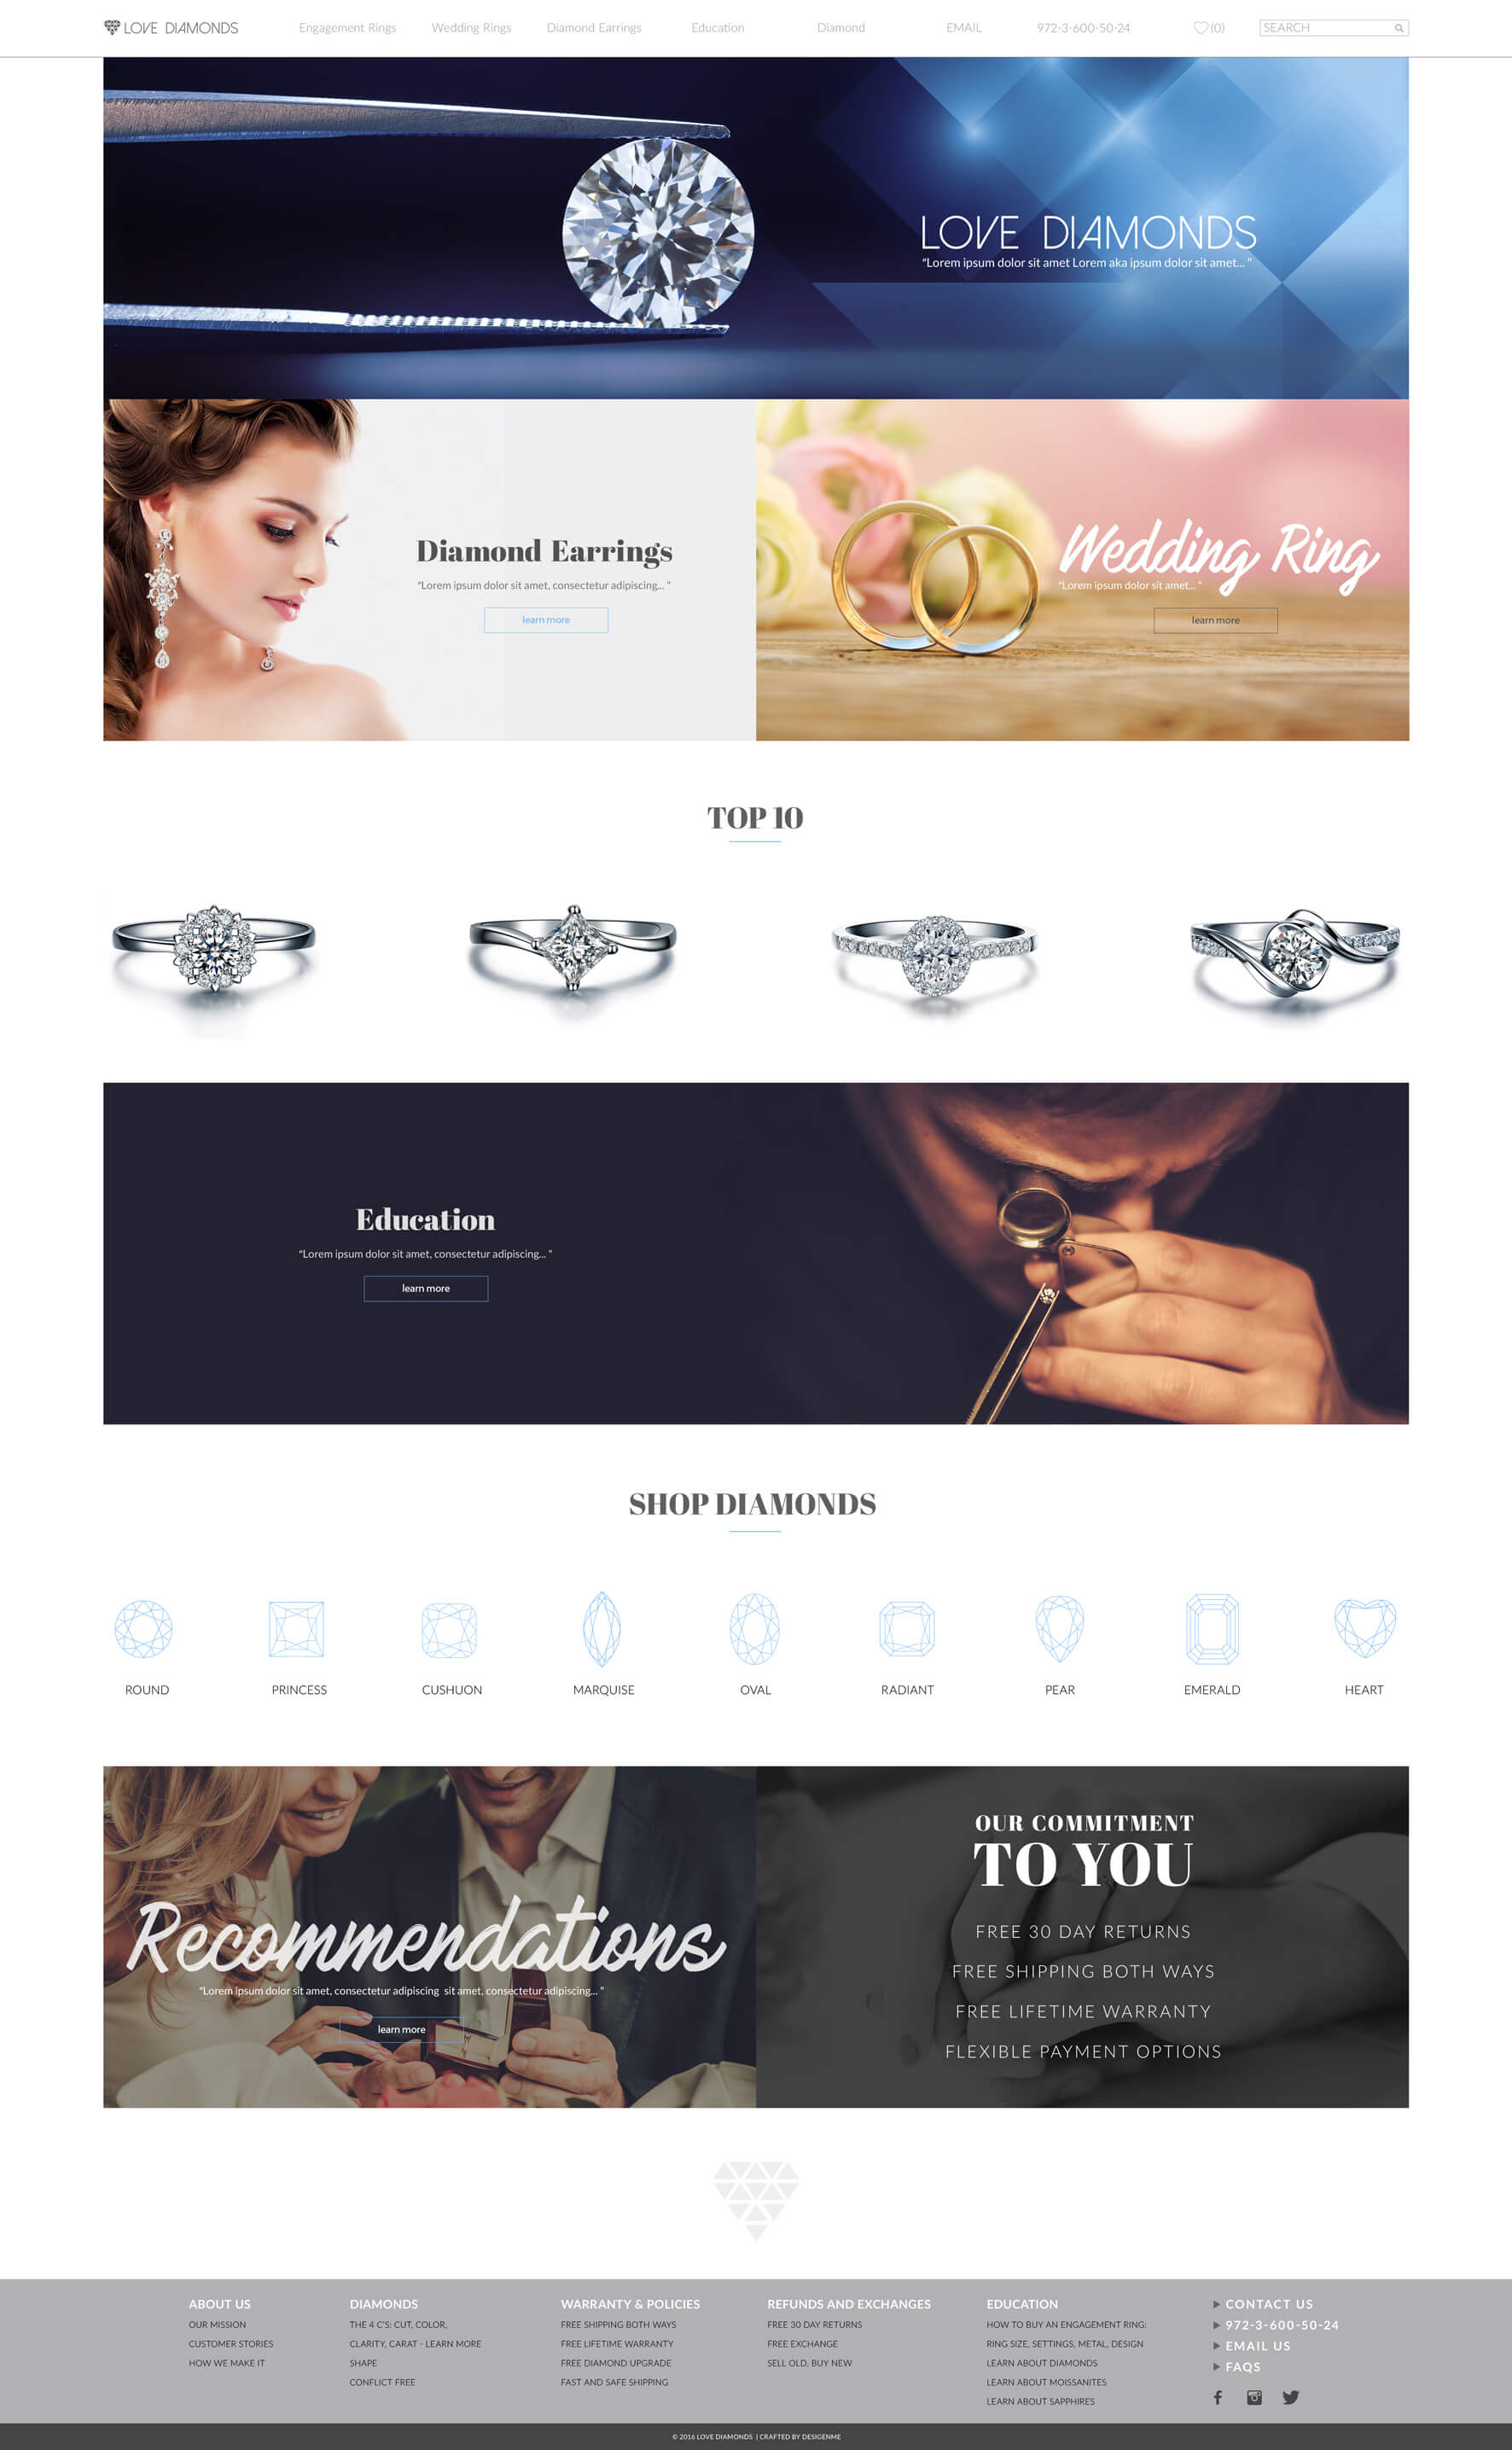 Love Diamonds Website Design